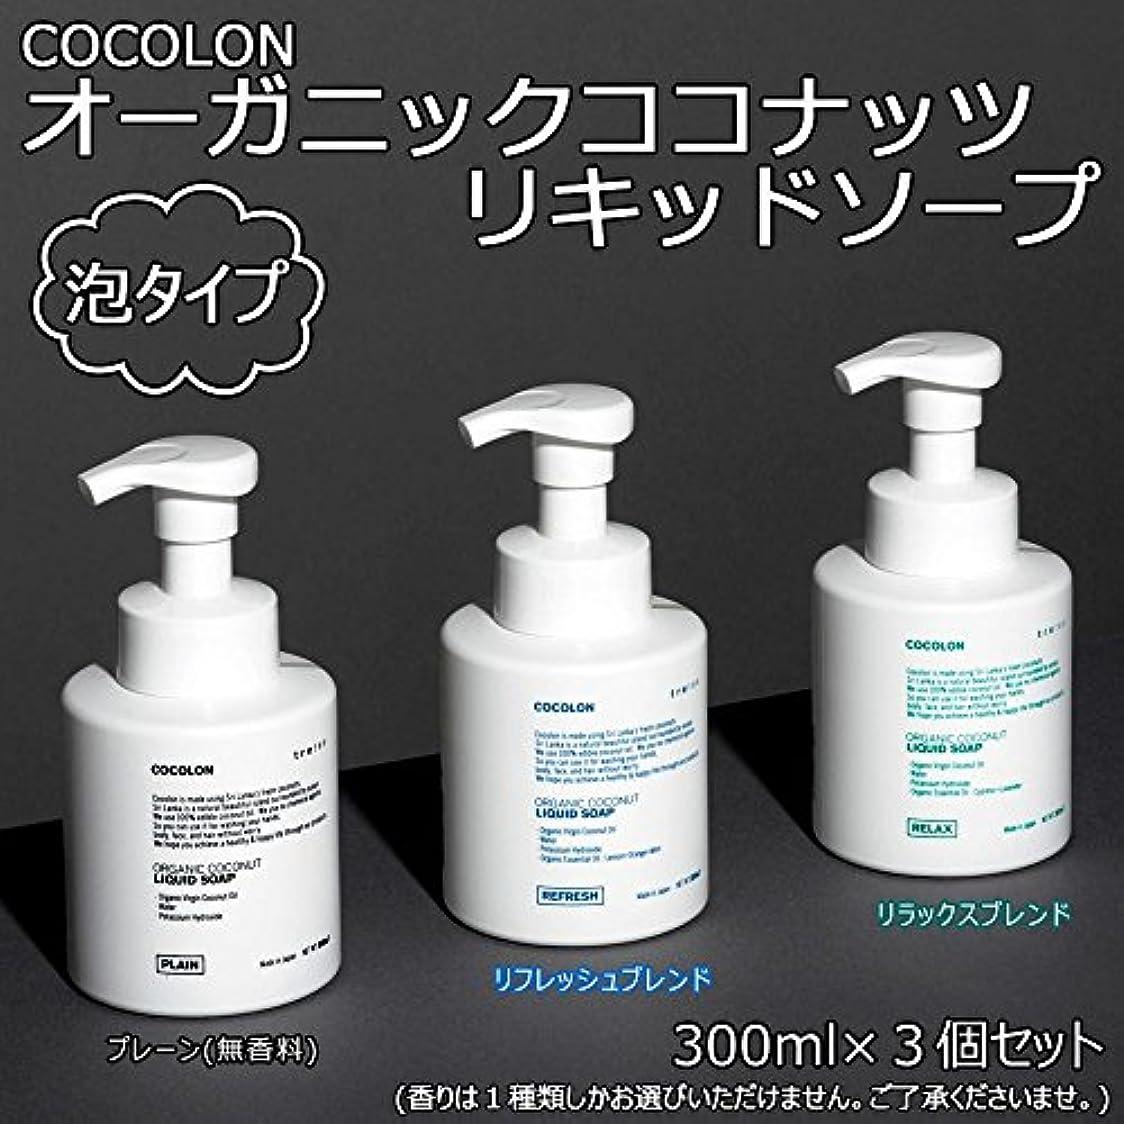 テクスチャーお尻高いCOCOLON ココロン オーガニックココナッツリキッドソープ 泡タイプ 300ml 3個セット【同梱?代引不可】 ■3種類の内「リラックスブレンド」のみです